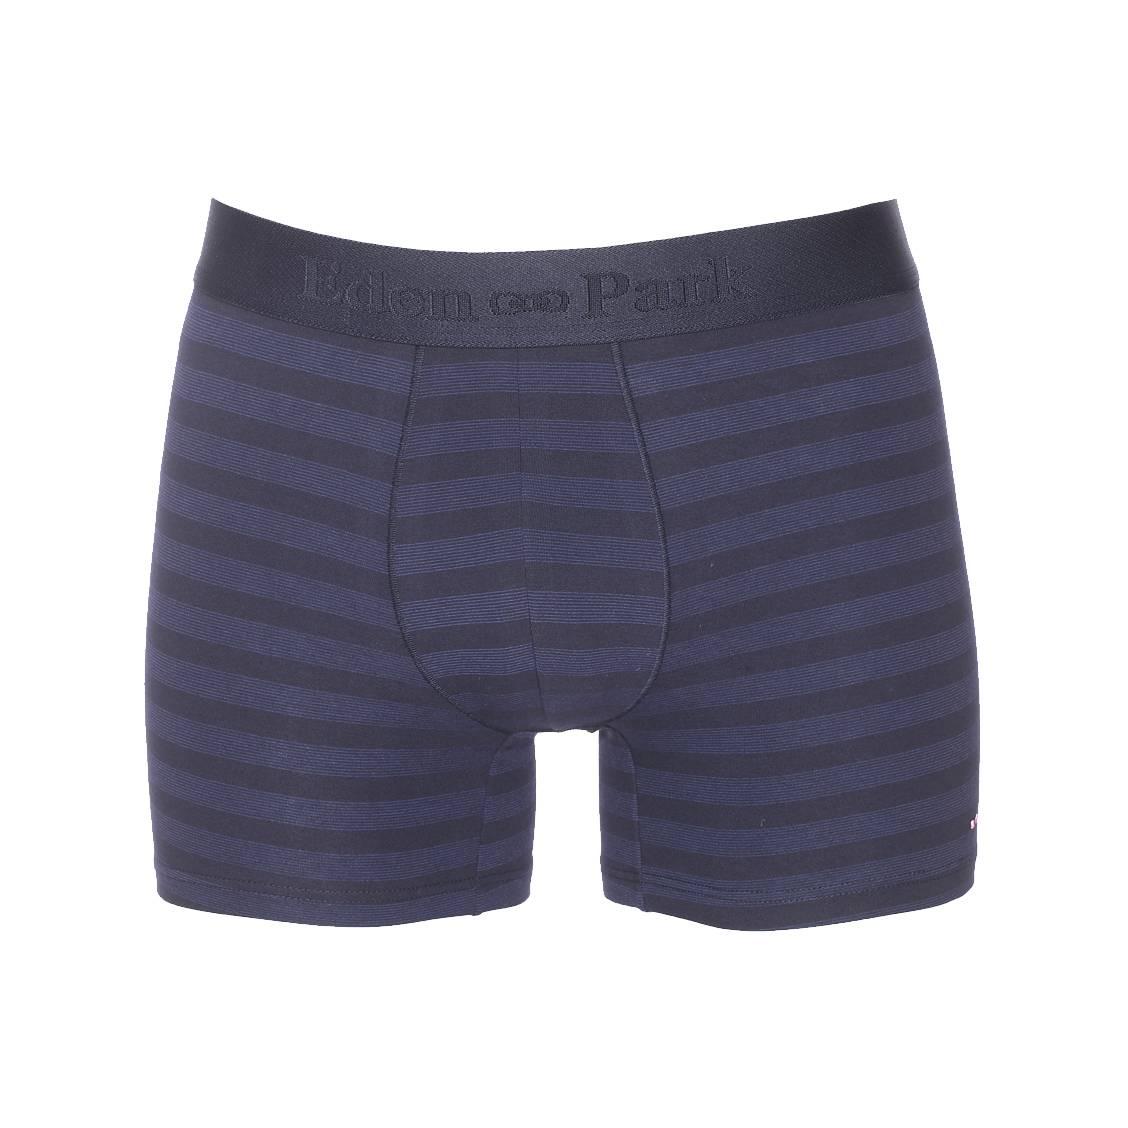 Boxer long  en coton stretch bleu marine à fines rayures bleu indigo